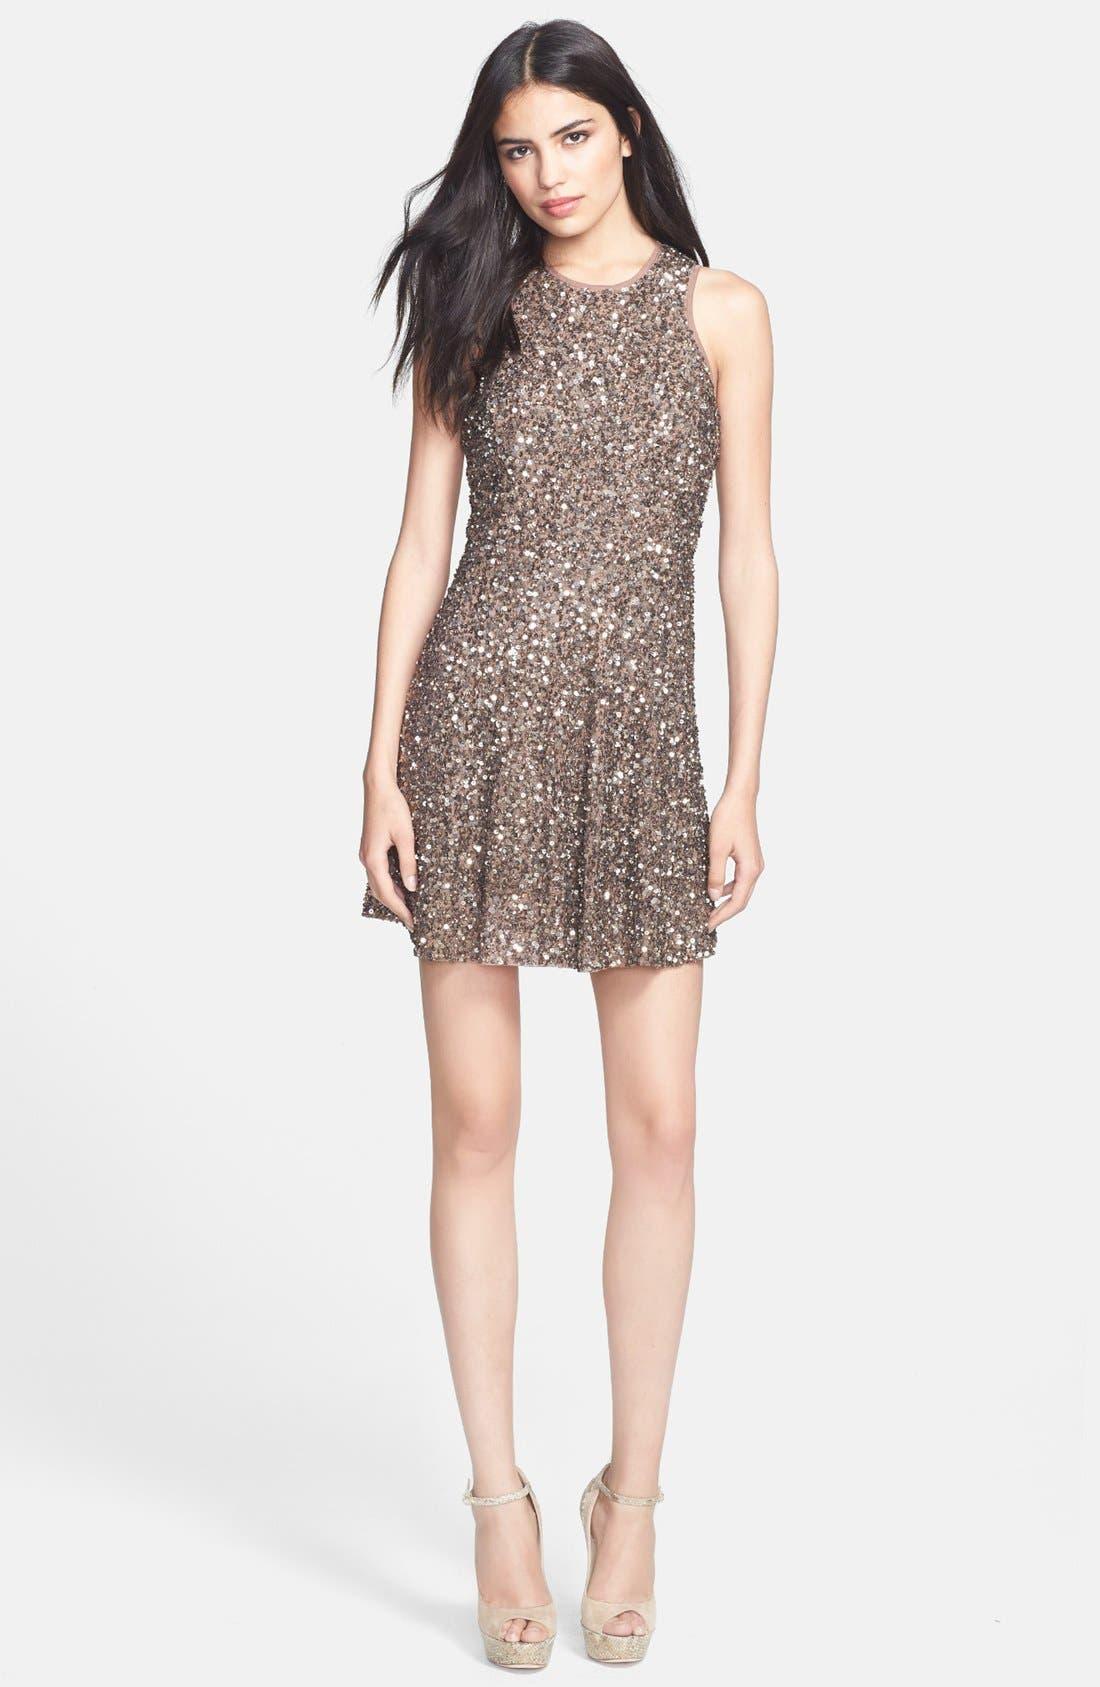 Alternate Image 1 Selected - Parker 'Audrey' Embellished A-Line Dress